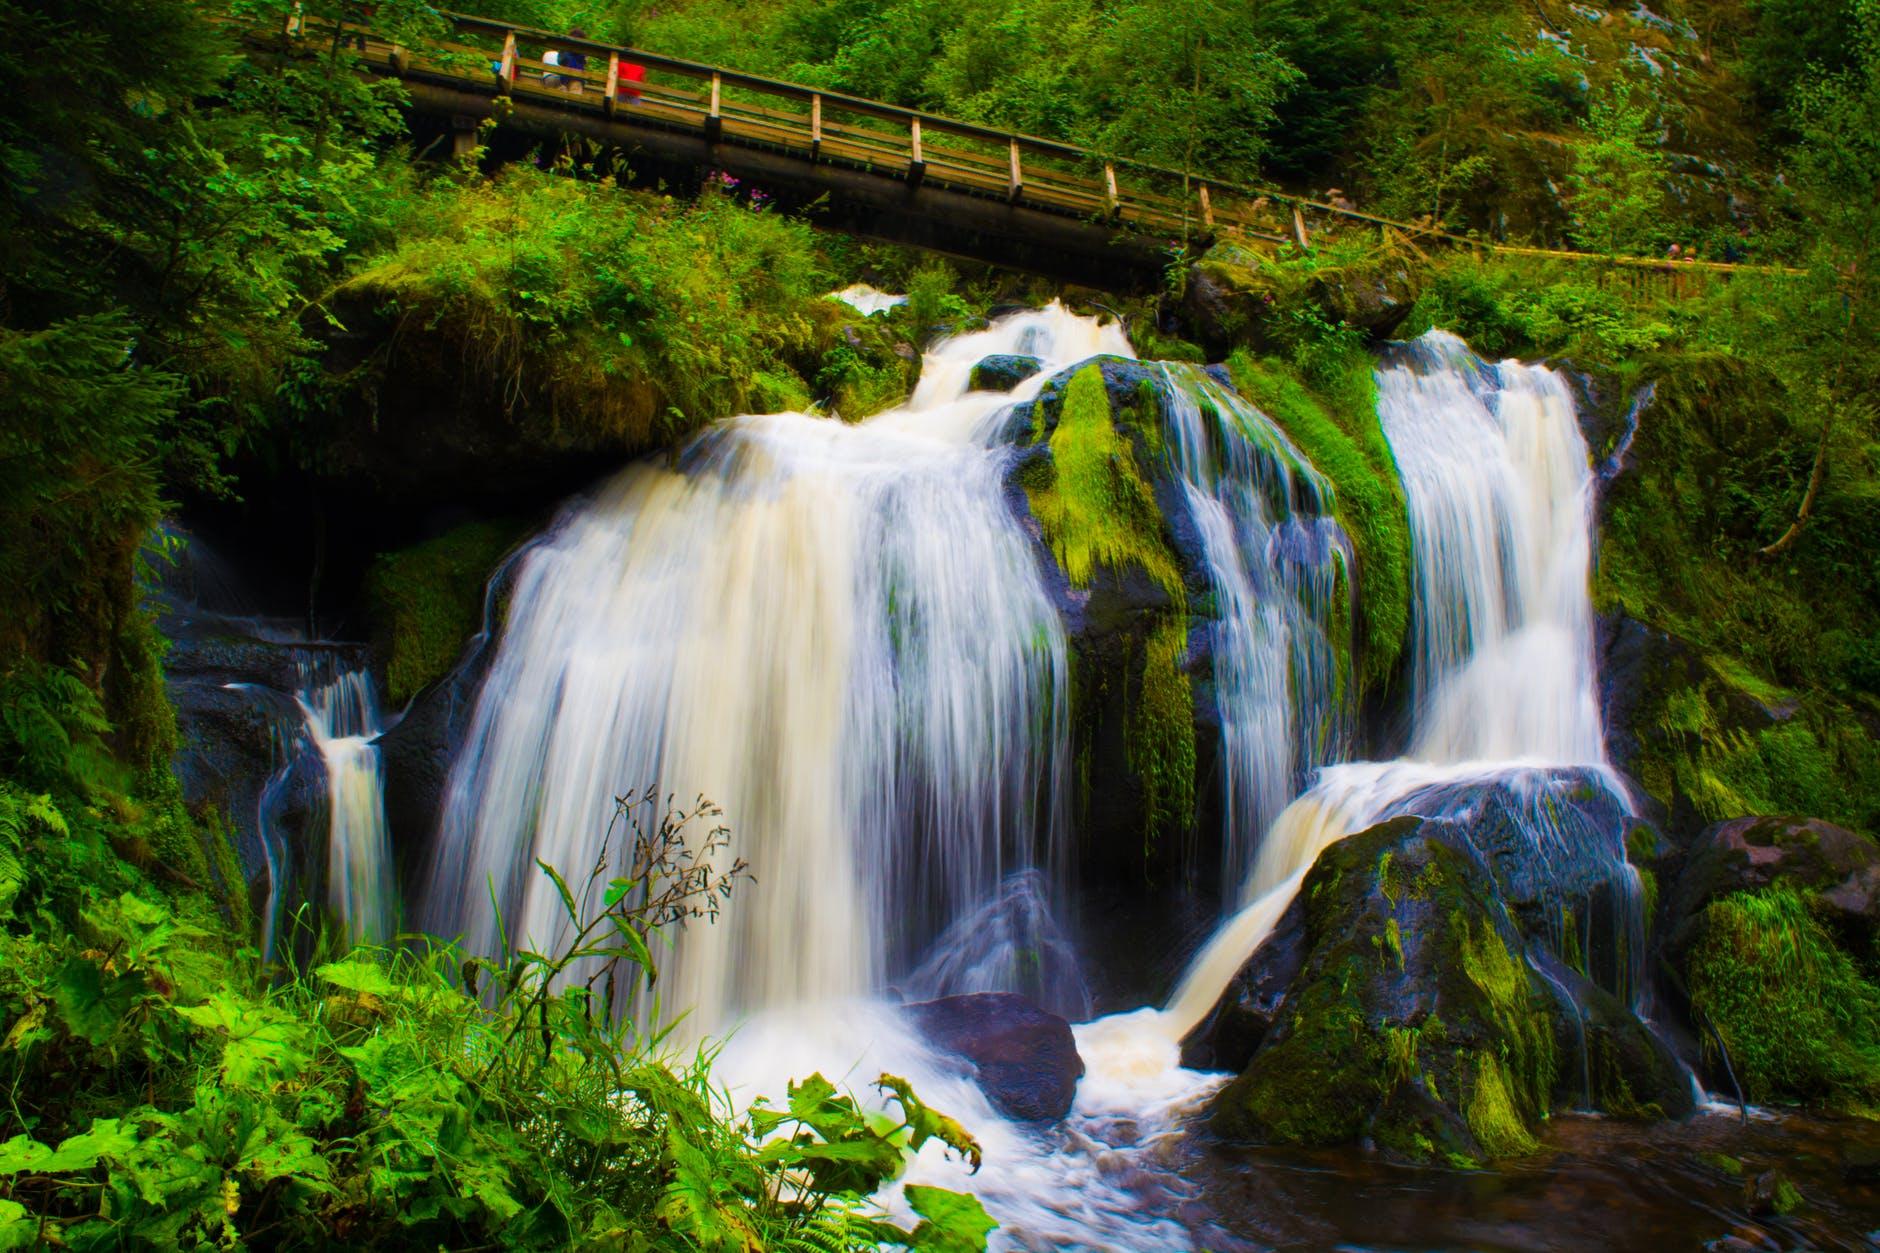 Le cascate di Triberg,  foto by Juan Pablo Guzmán Fernández on pexels.com